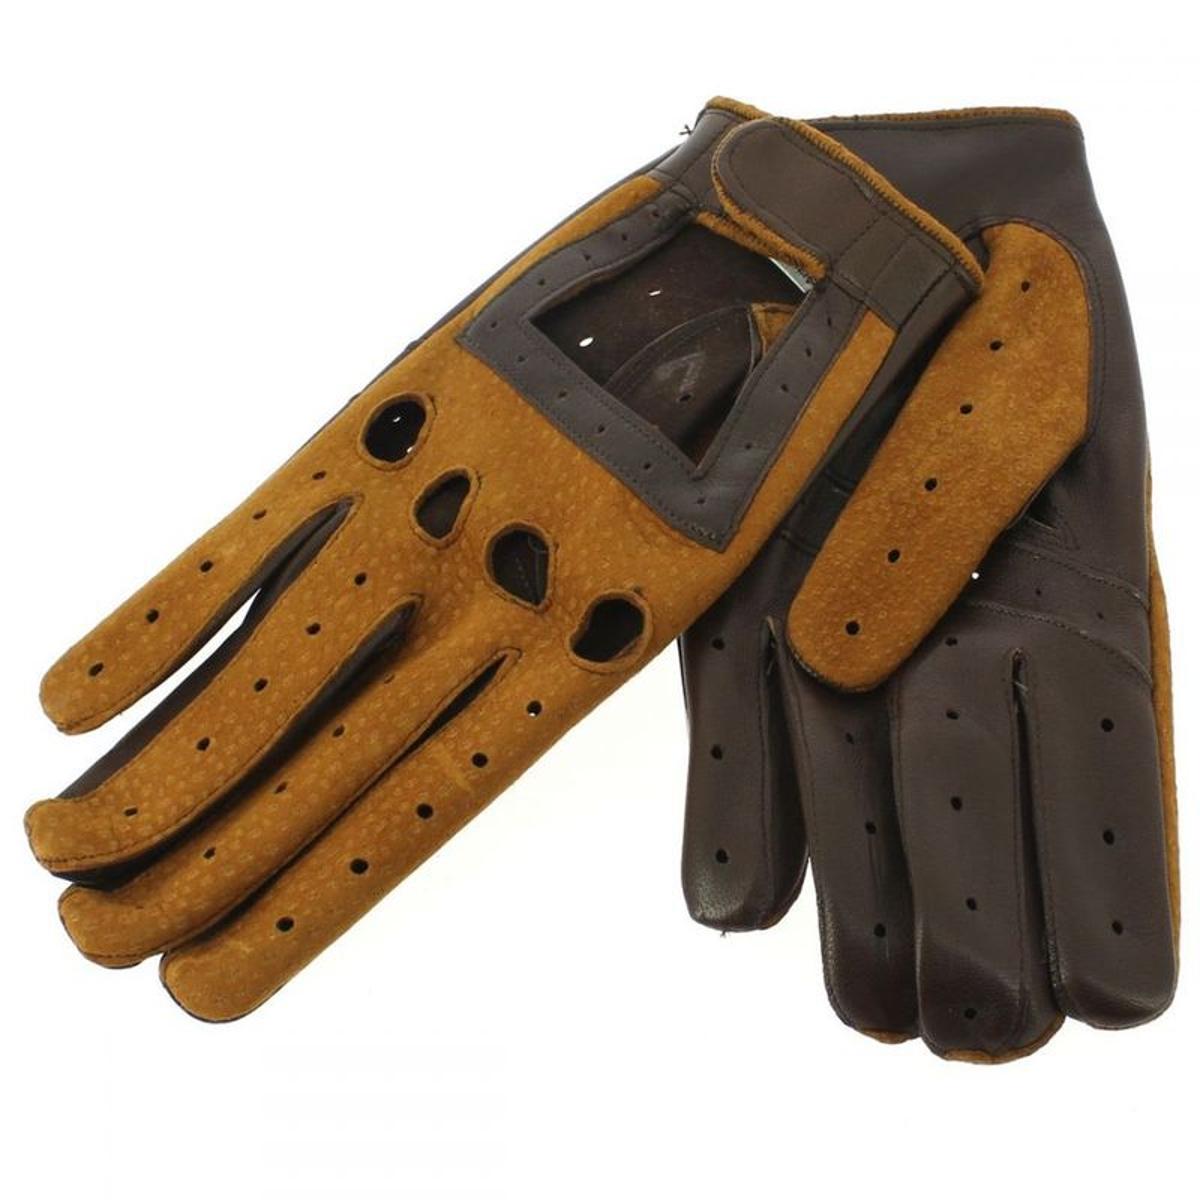 Gant cuir carpincho Luxe, agneau-carpincho, fait main en Italie